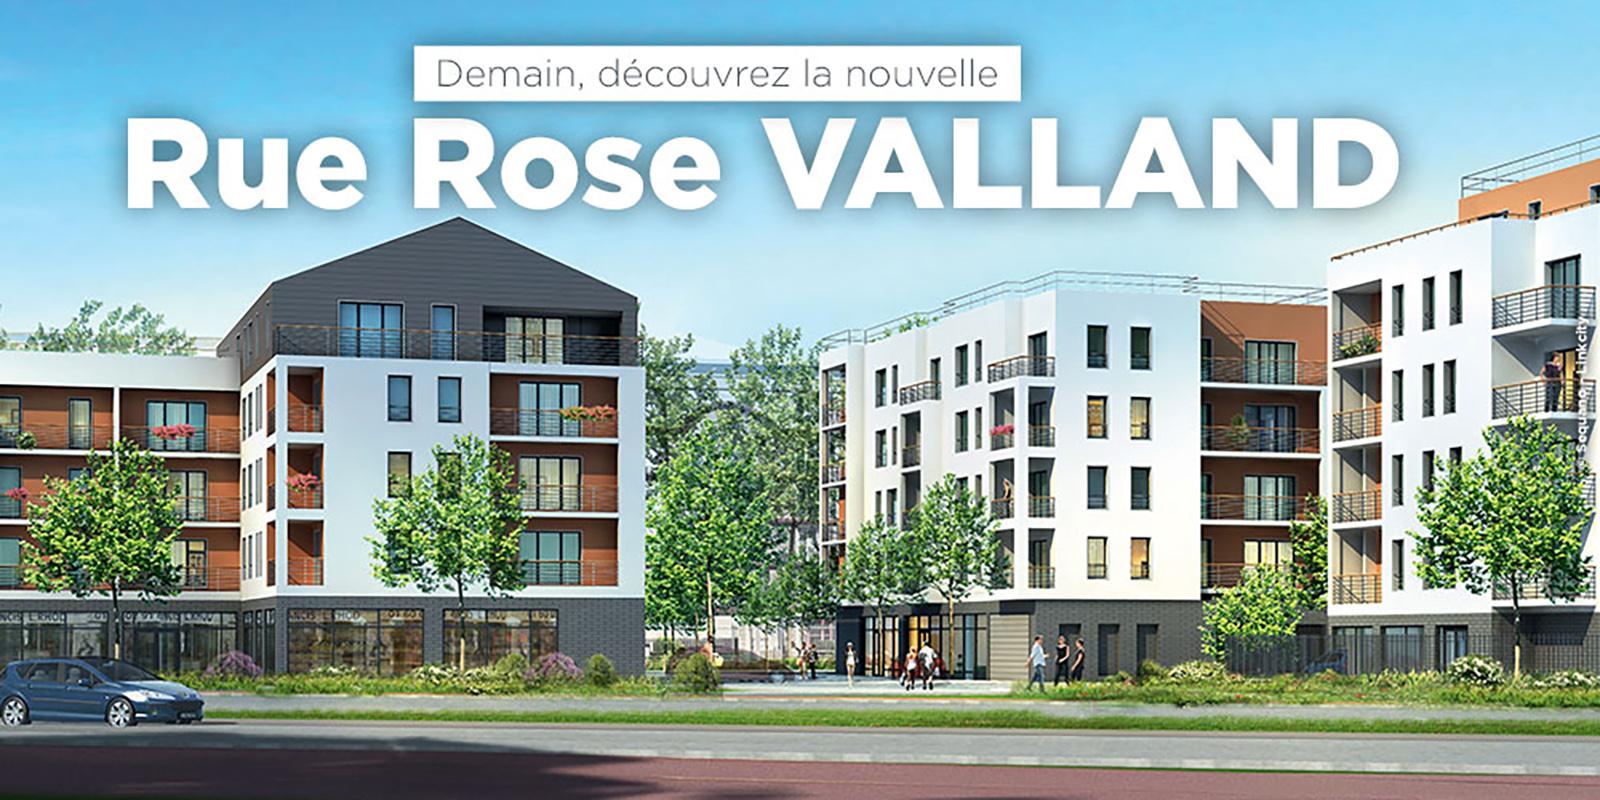 Rue Rose Vailland Dénomination